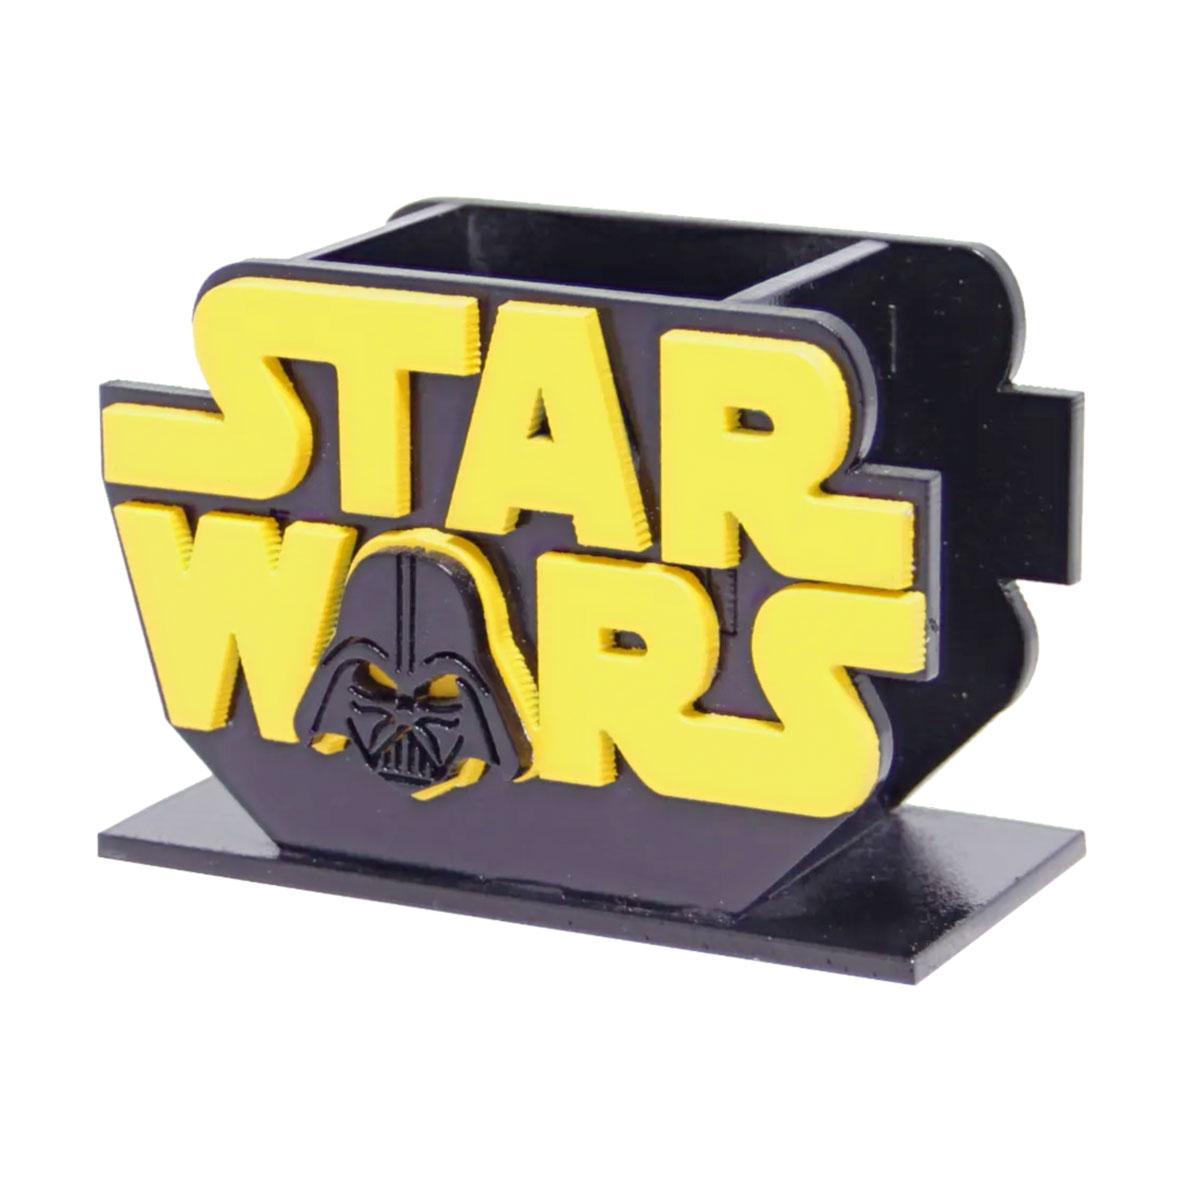 Porta Lápis Caneta E Acessórios Geek Star Wars Darth Vader 10x10cm - Presente Super